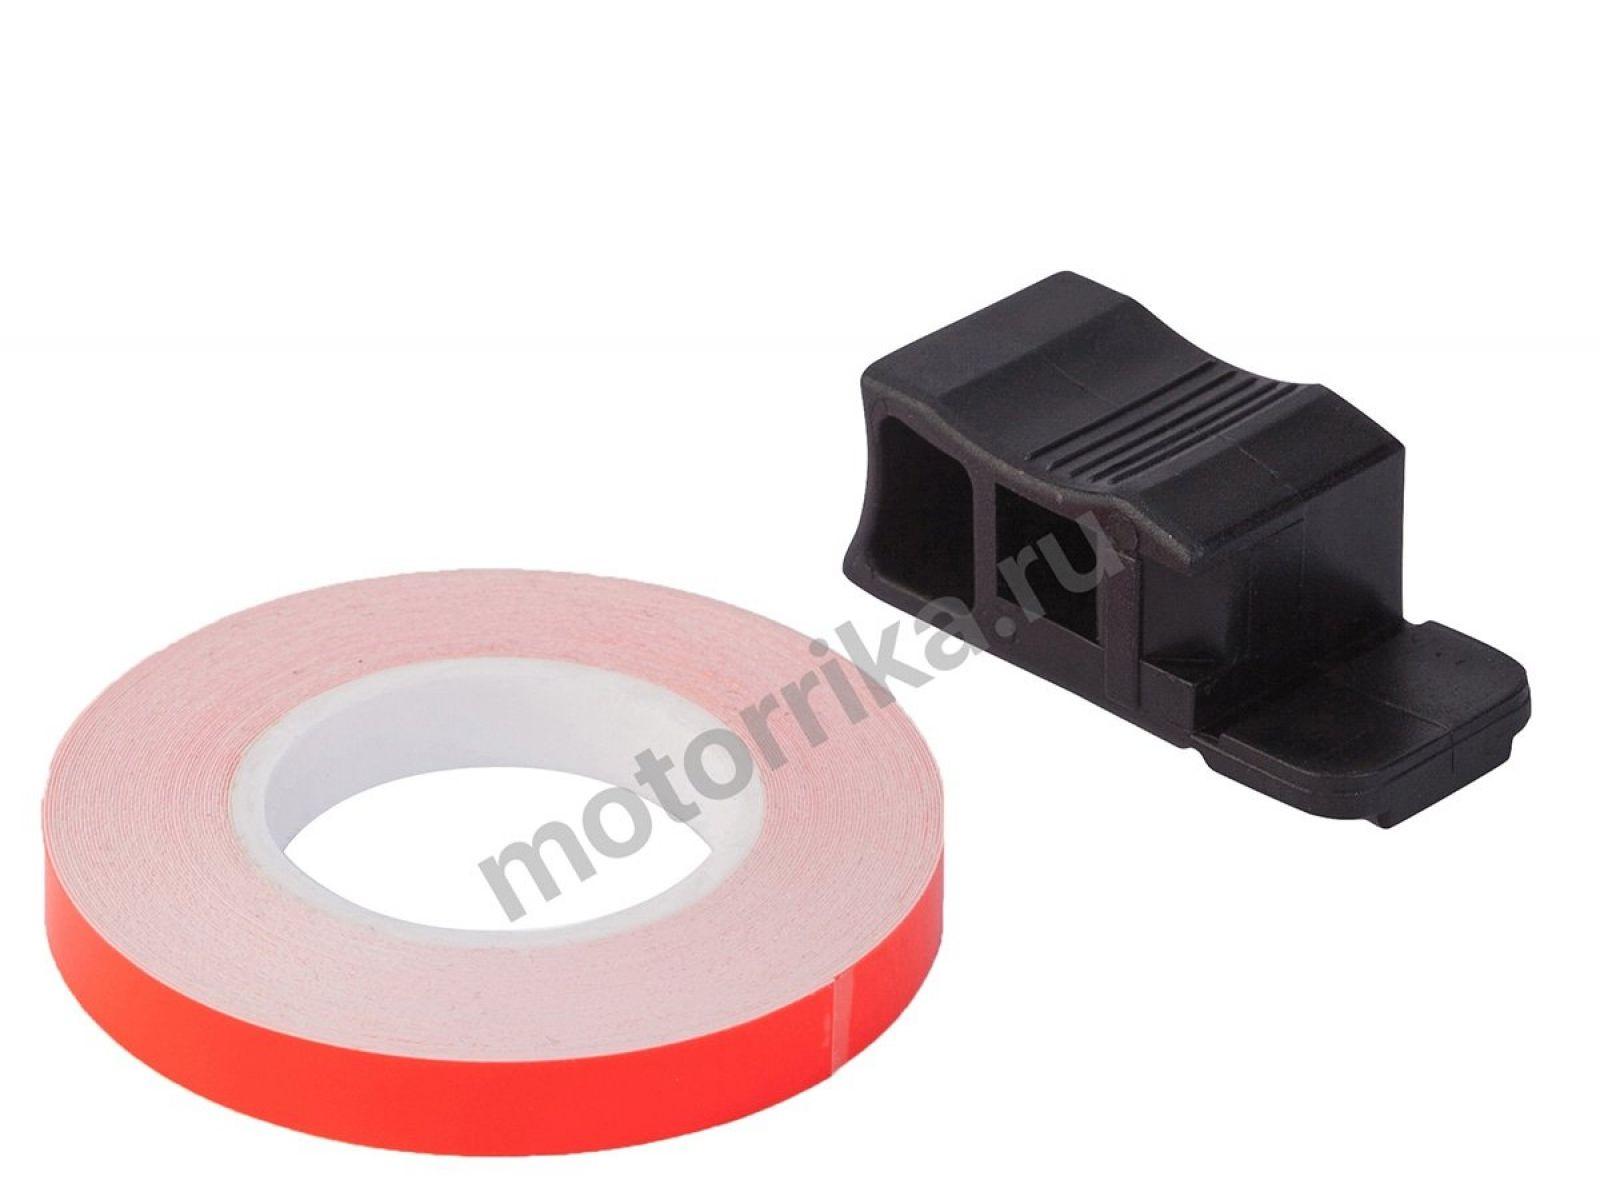 Наклейка на обод колеса Lightech Red Fluo